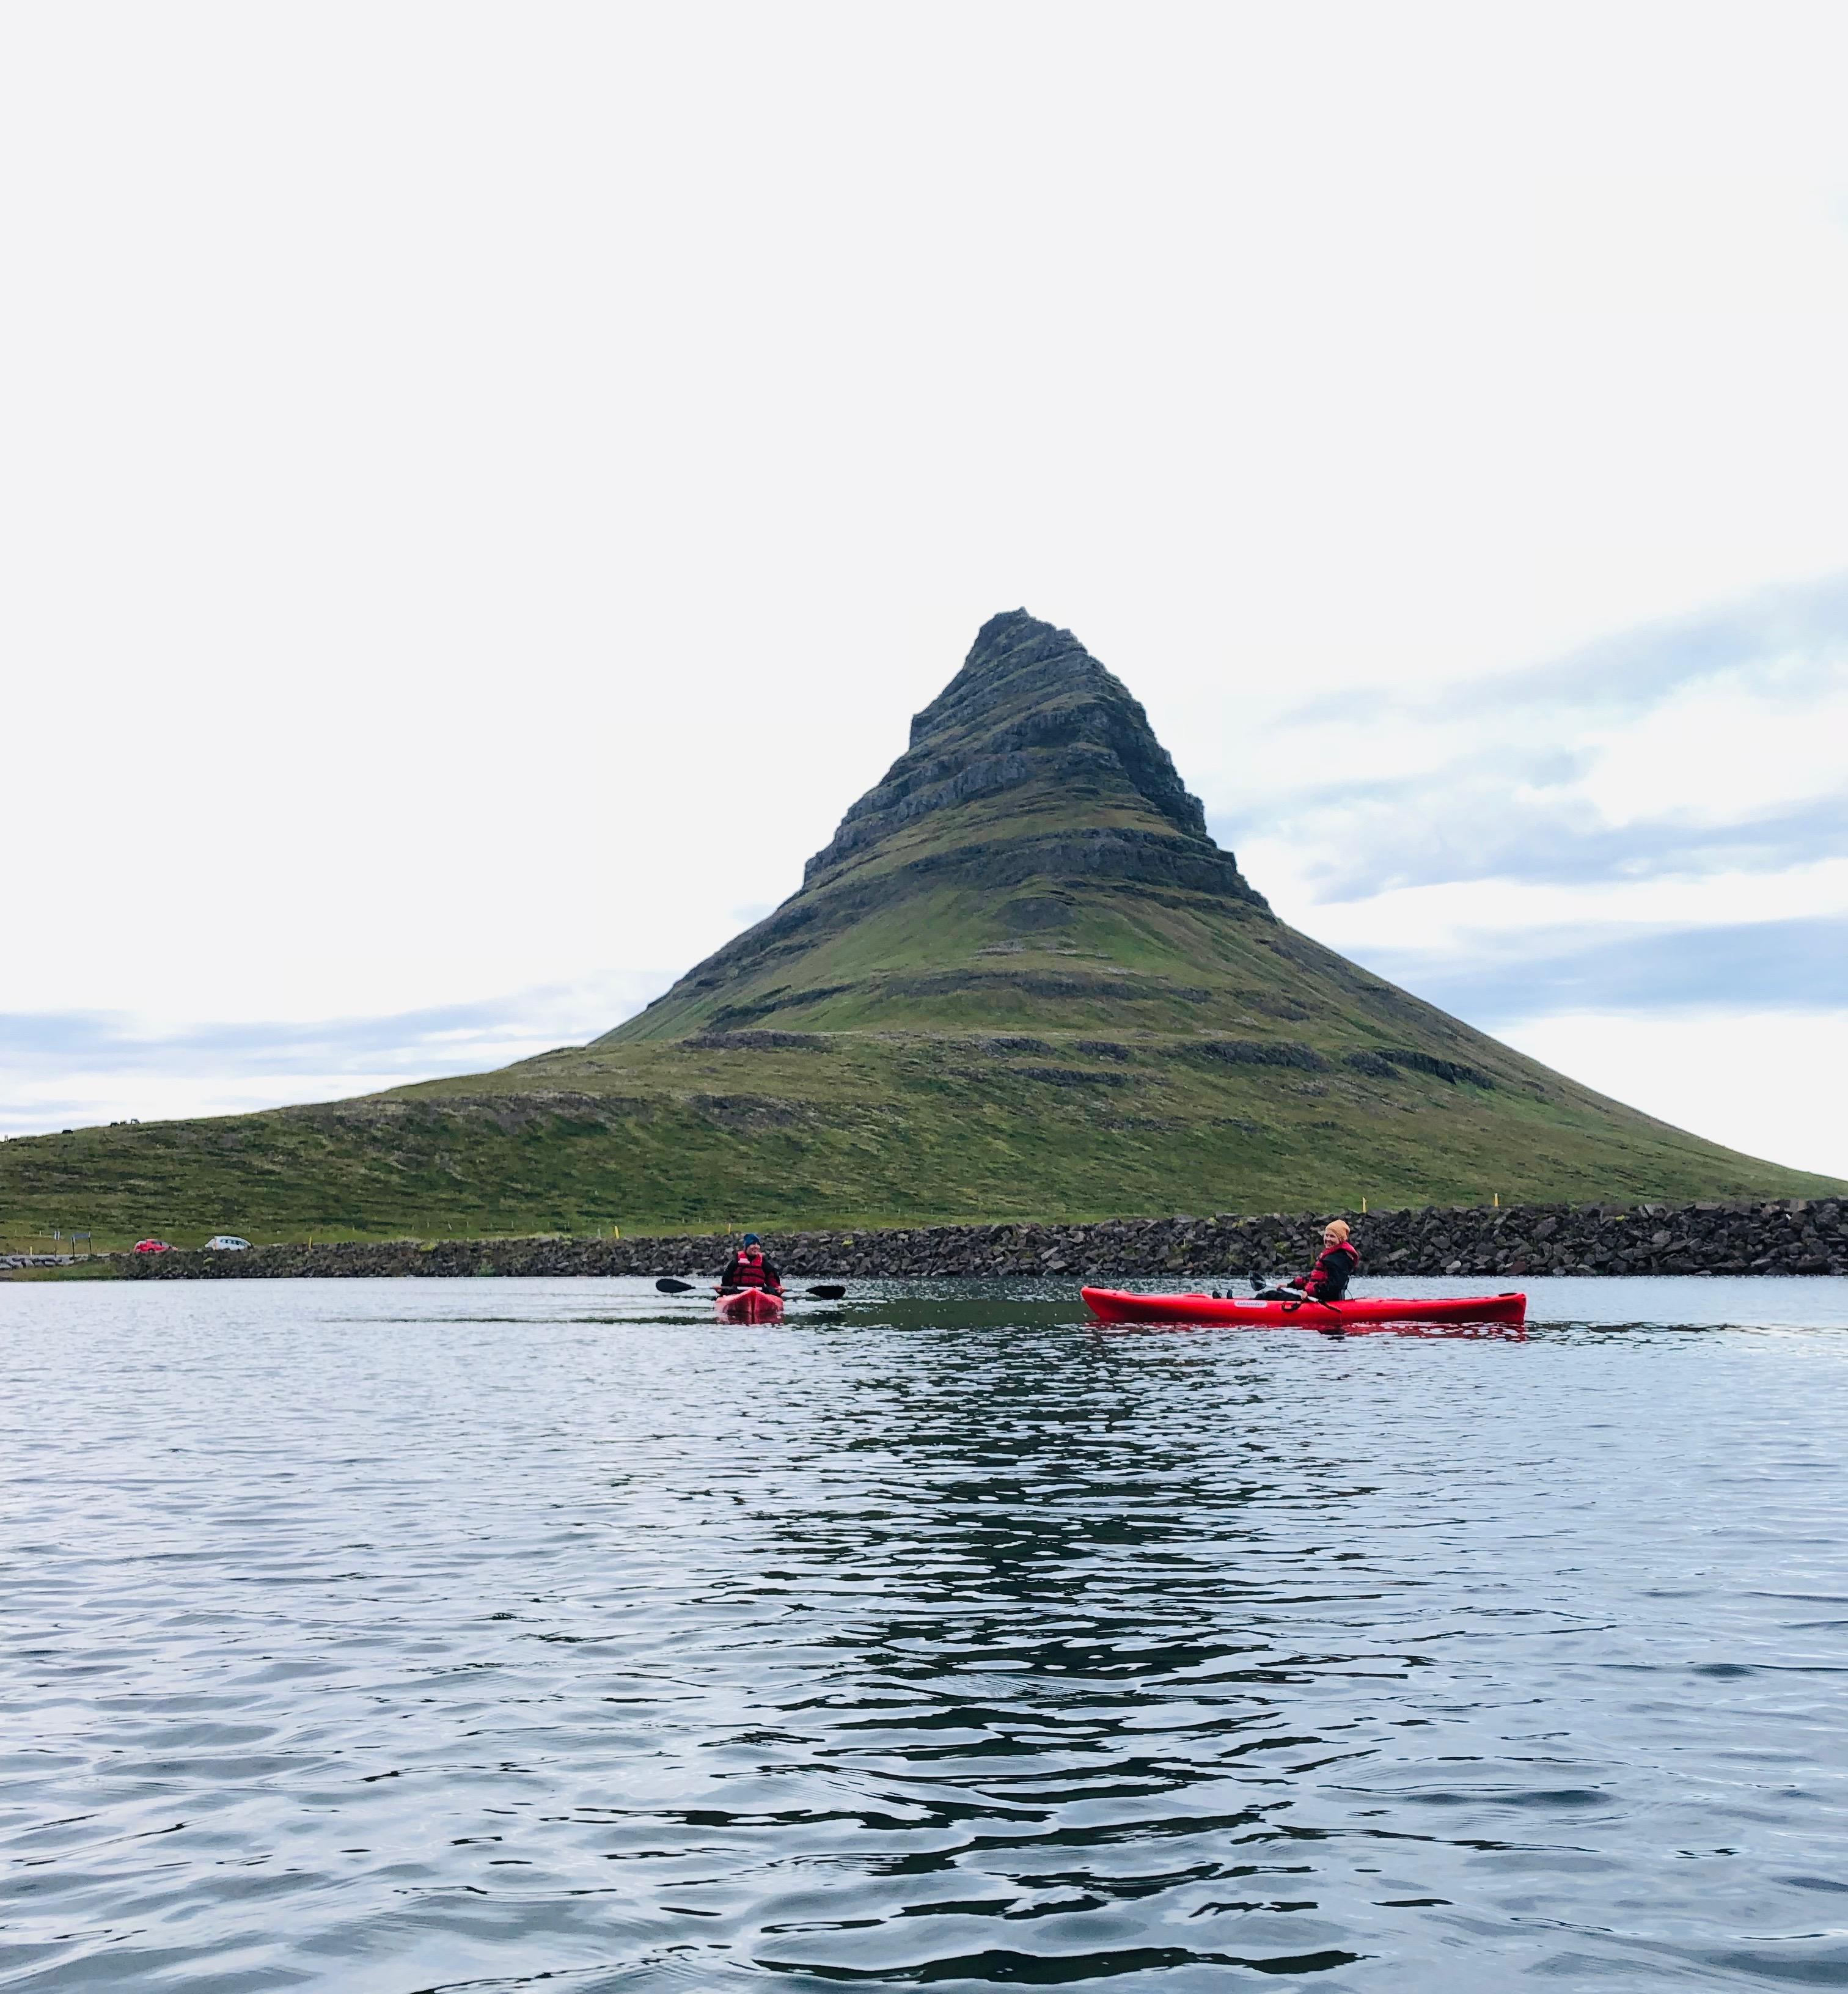 在冰岛斯奈山半岛的绝美草帽山下,体验皮划艇运动的小众乐趣